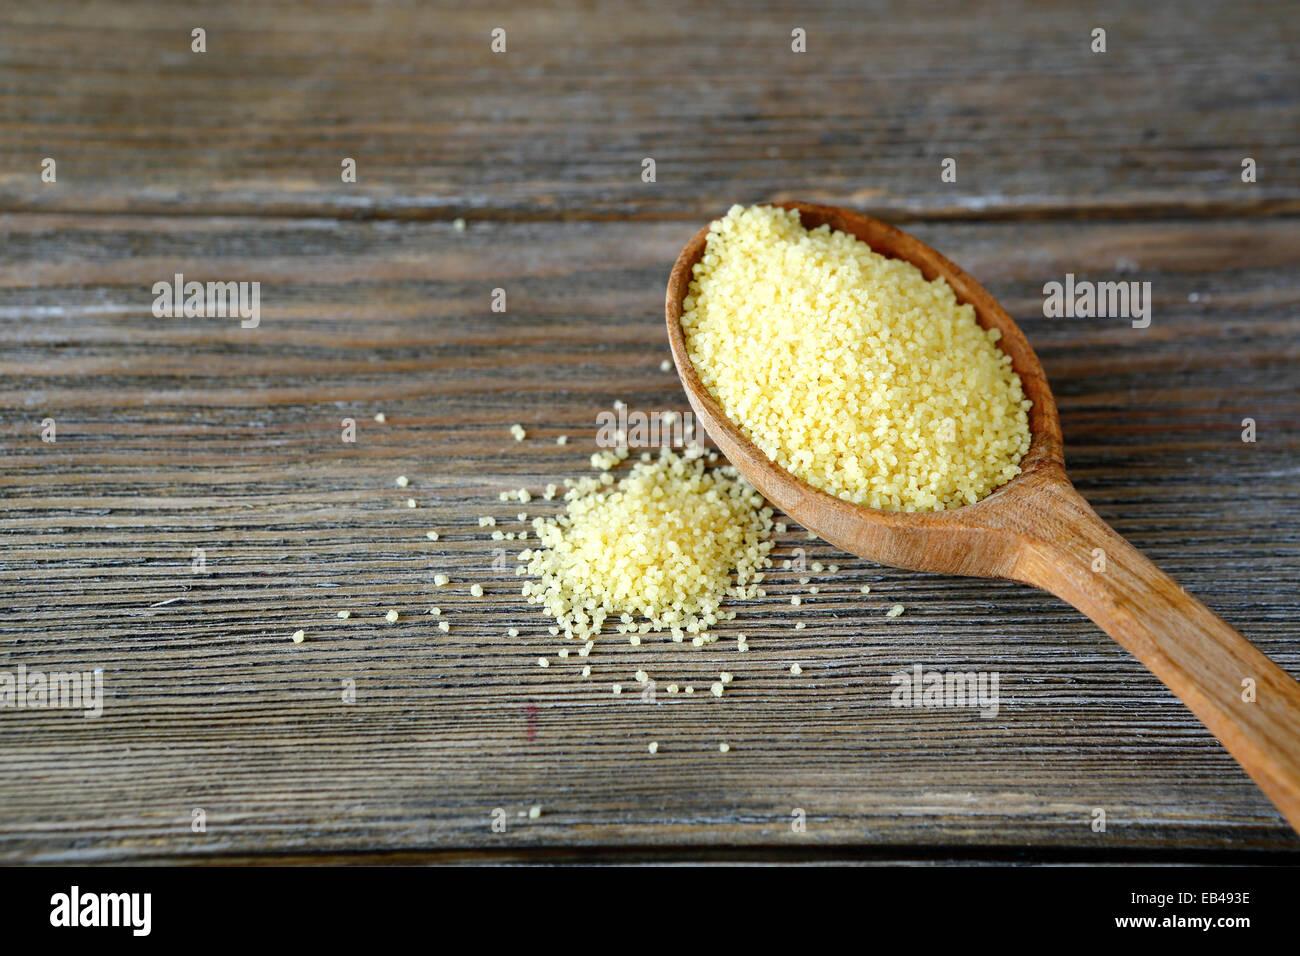 Materias cuscús en una cuchara de madera en las juntas, los alimentos cerrar Imagen De Stock